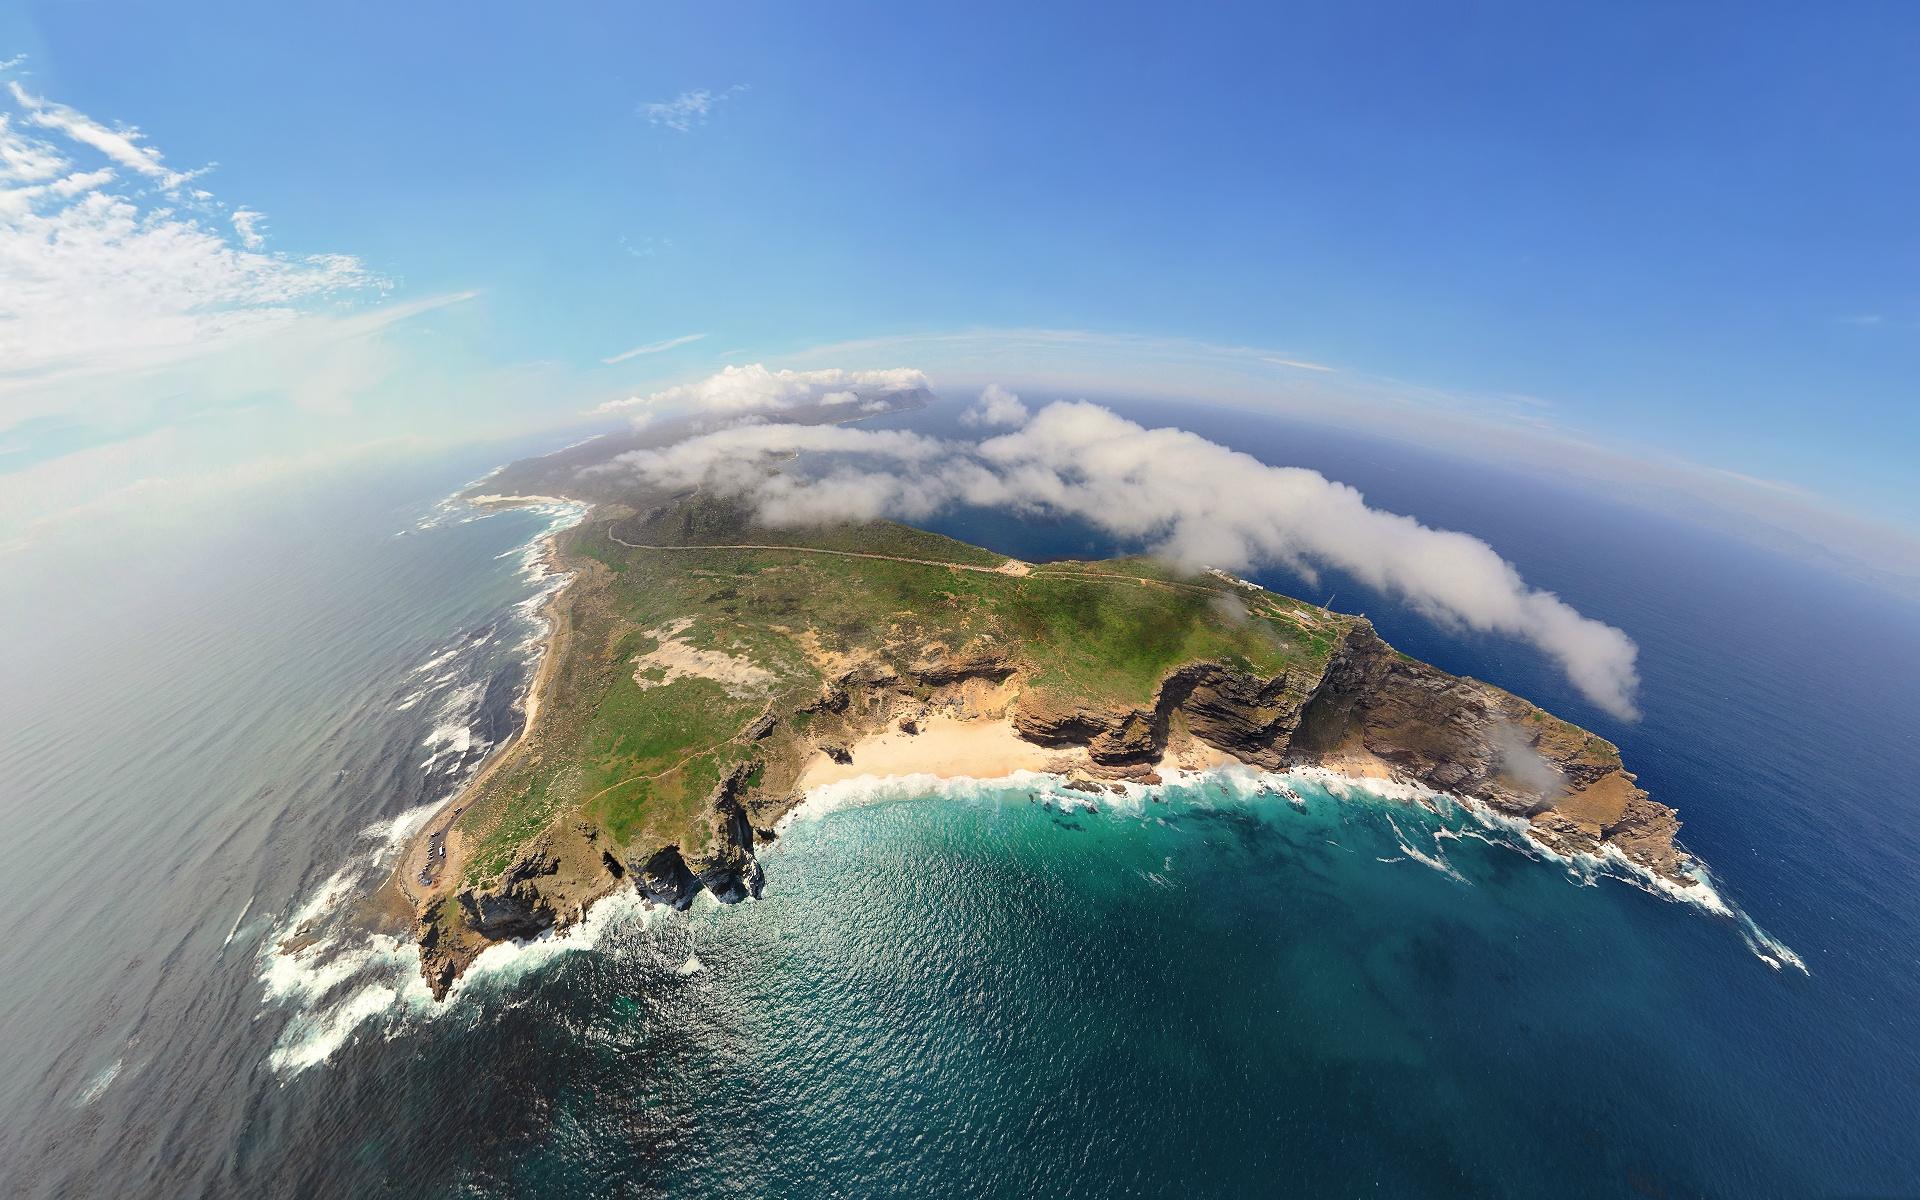 weatherwise.co.za'dan alınmıştır.